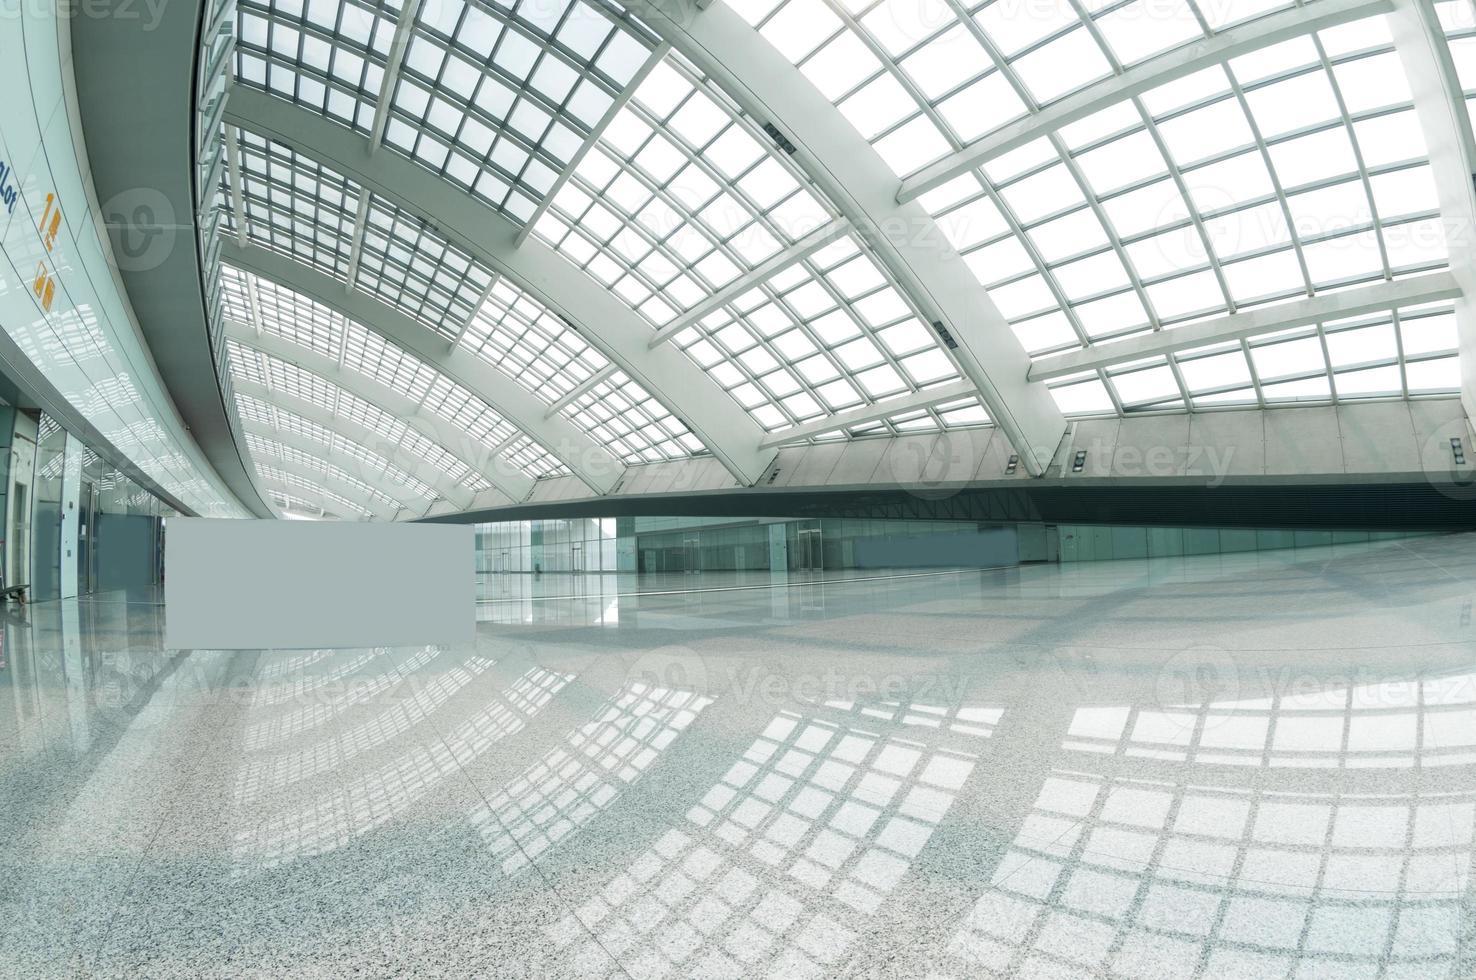 modern winkelcentrum van beijin airport metrostation. foto